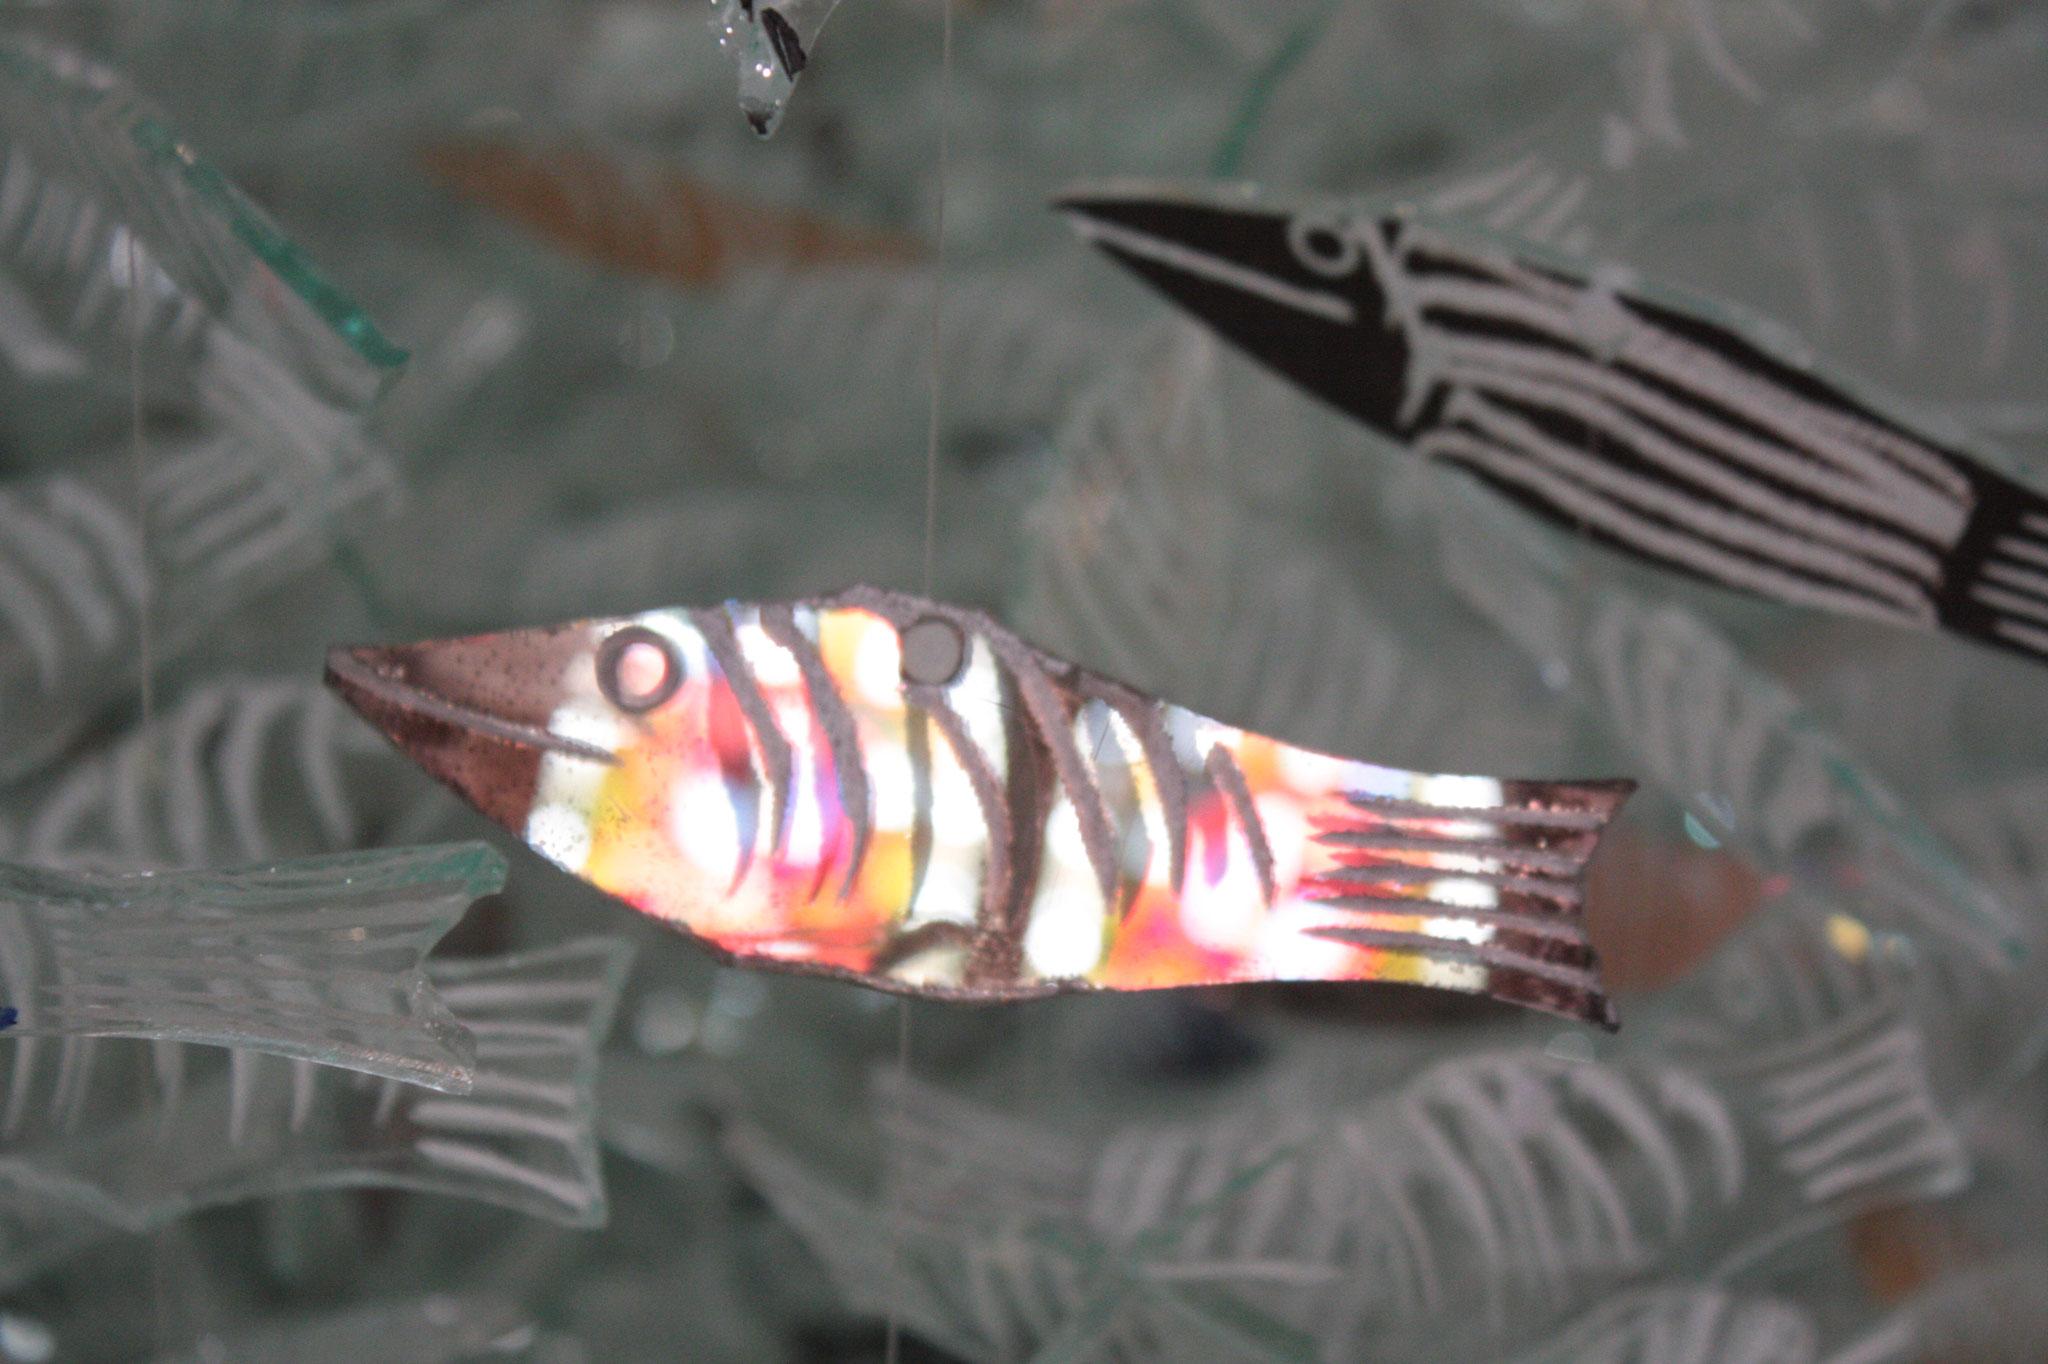 Les poissons - oeuvre de l'artiste Marcoville - (c) JDR